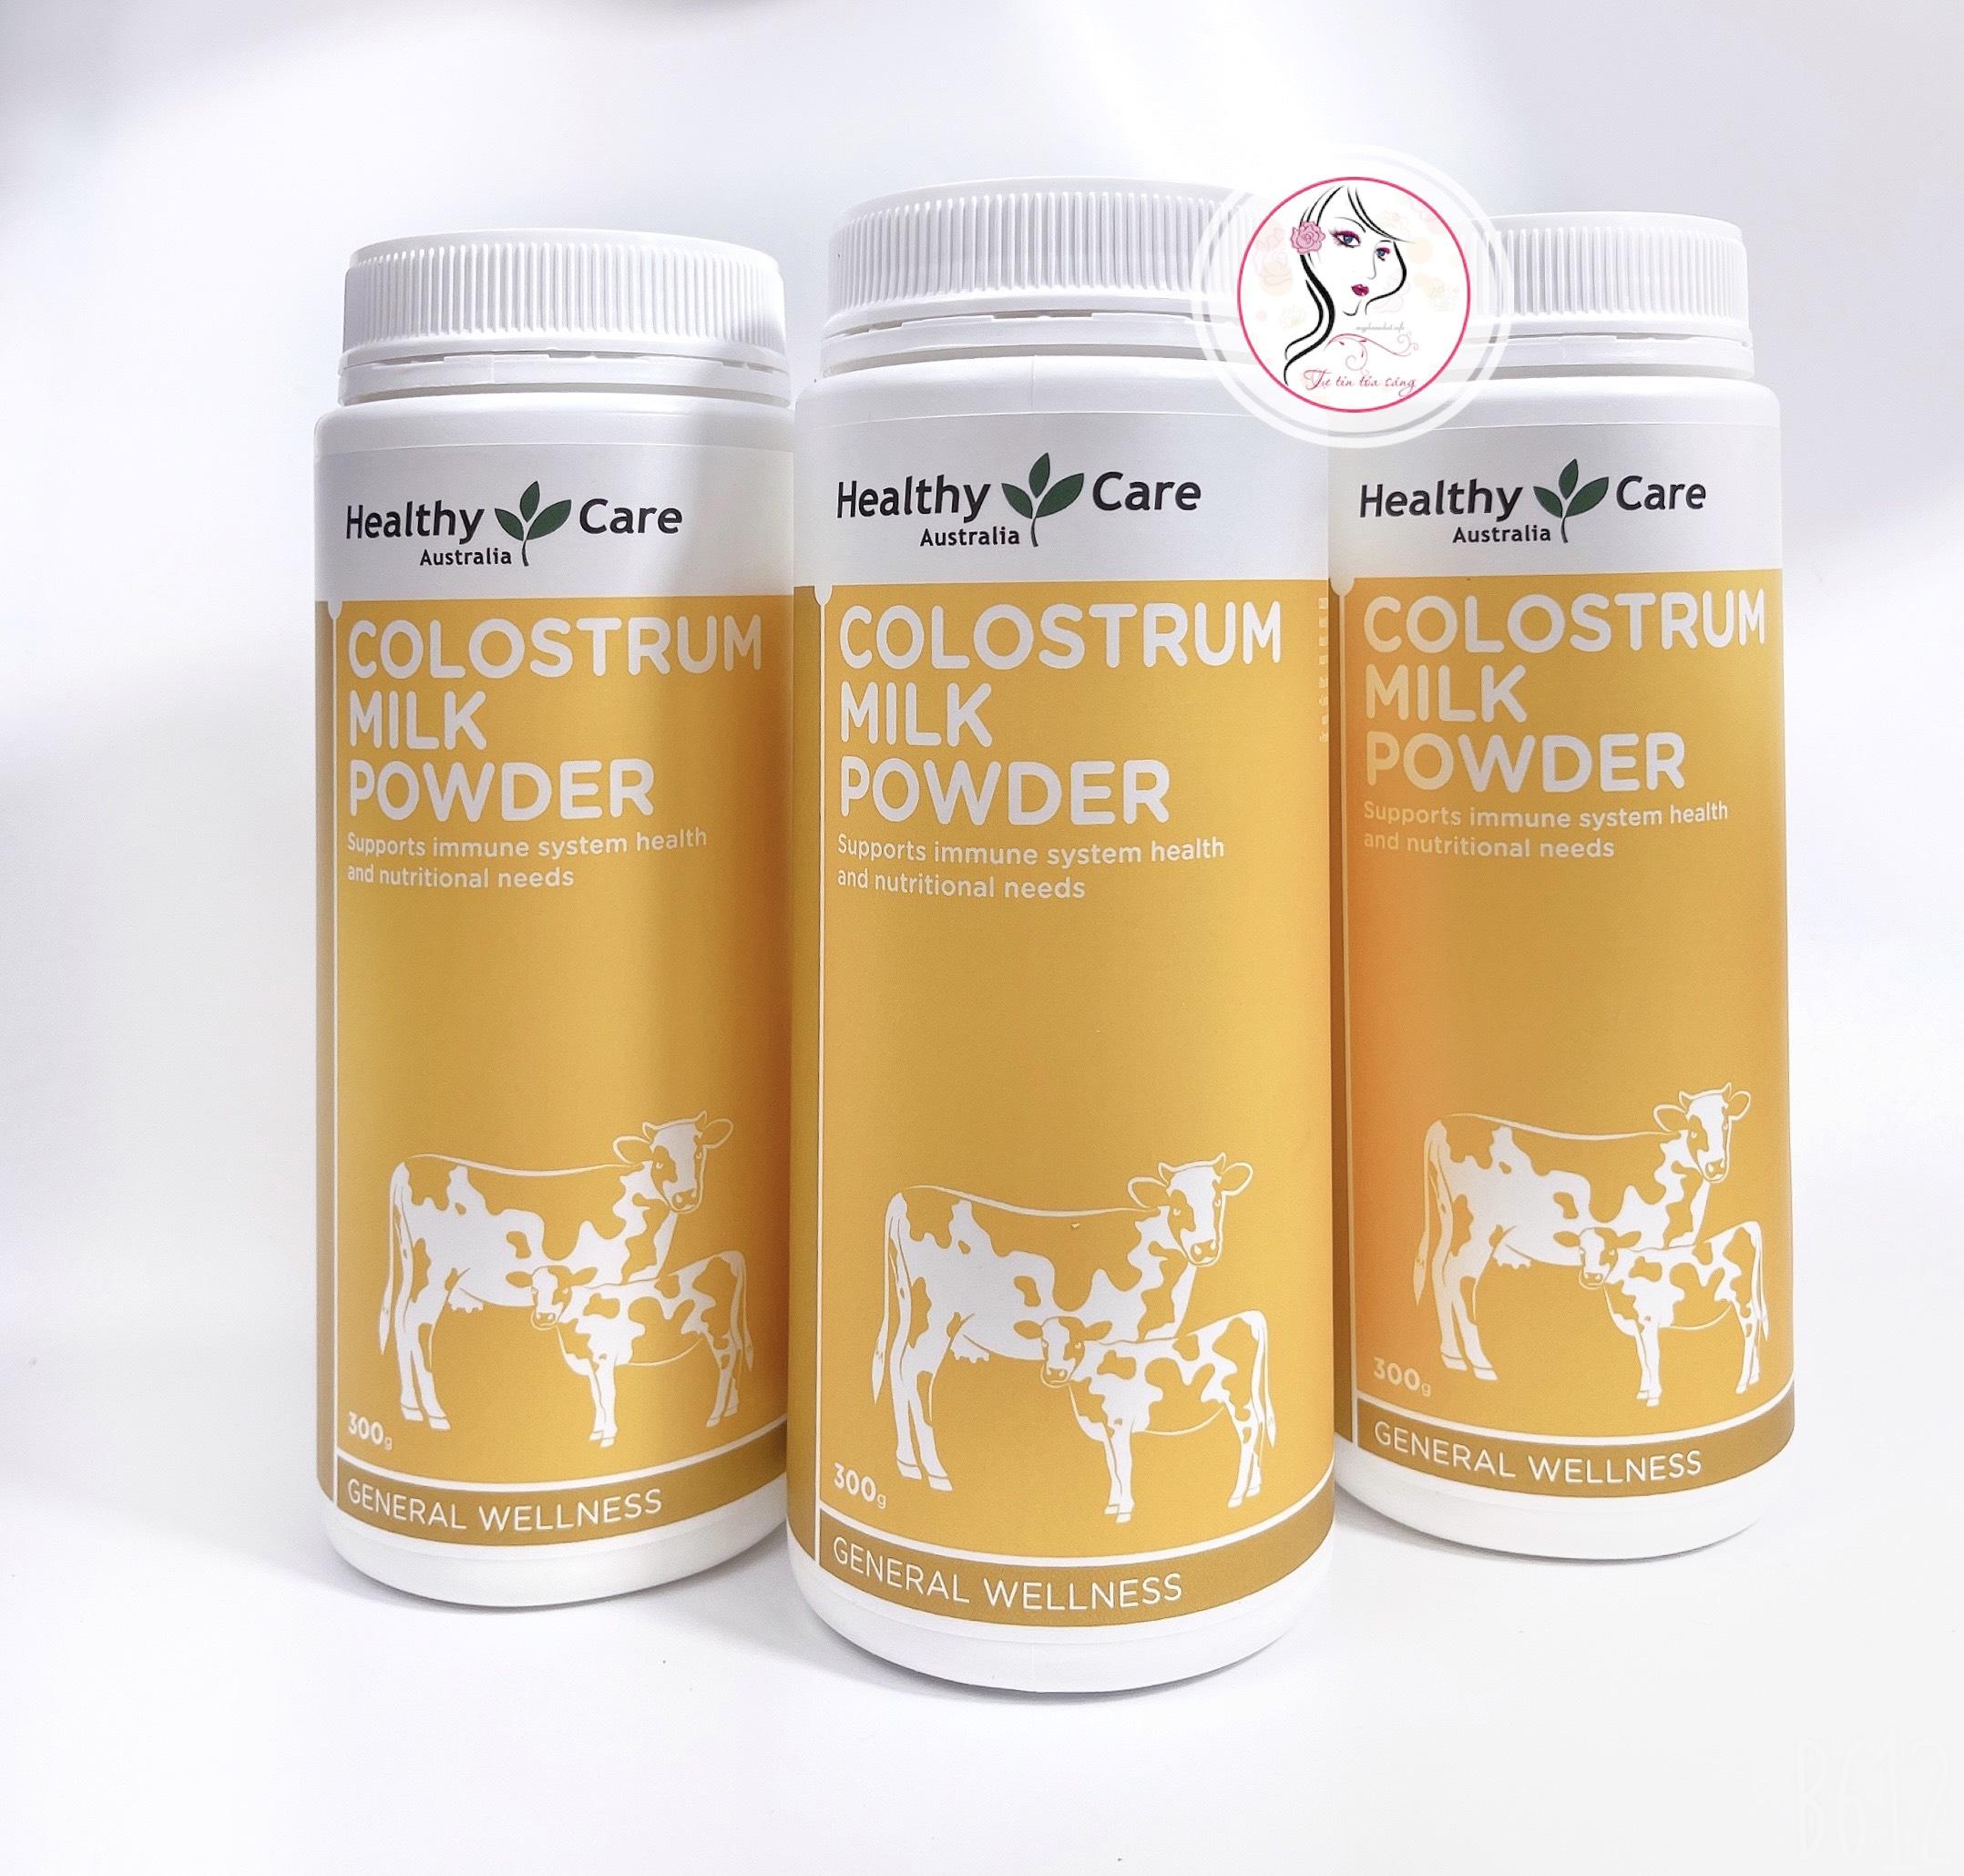 sua bo non healthy care colostrum milk powder cua uc